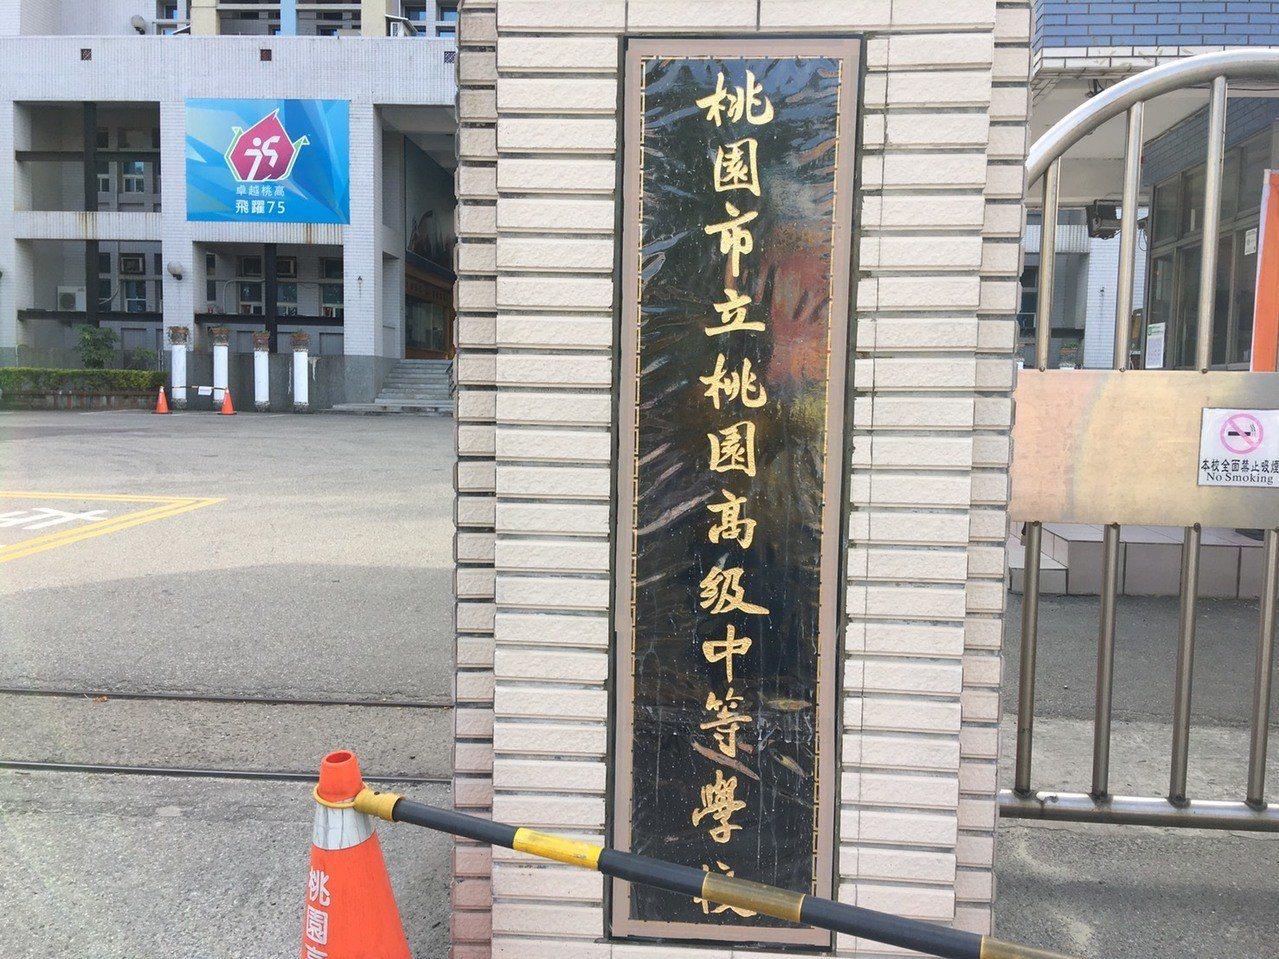 桃園9所國立高中職明年元旦改隸為市立,桃園高中昨天已換上新門銜。記者李京昇/攝影